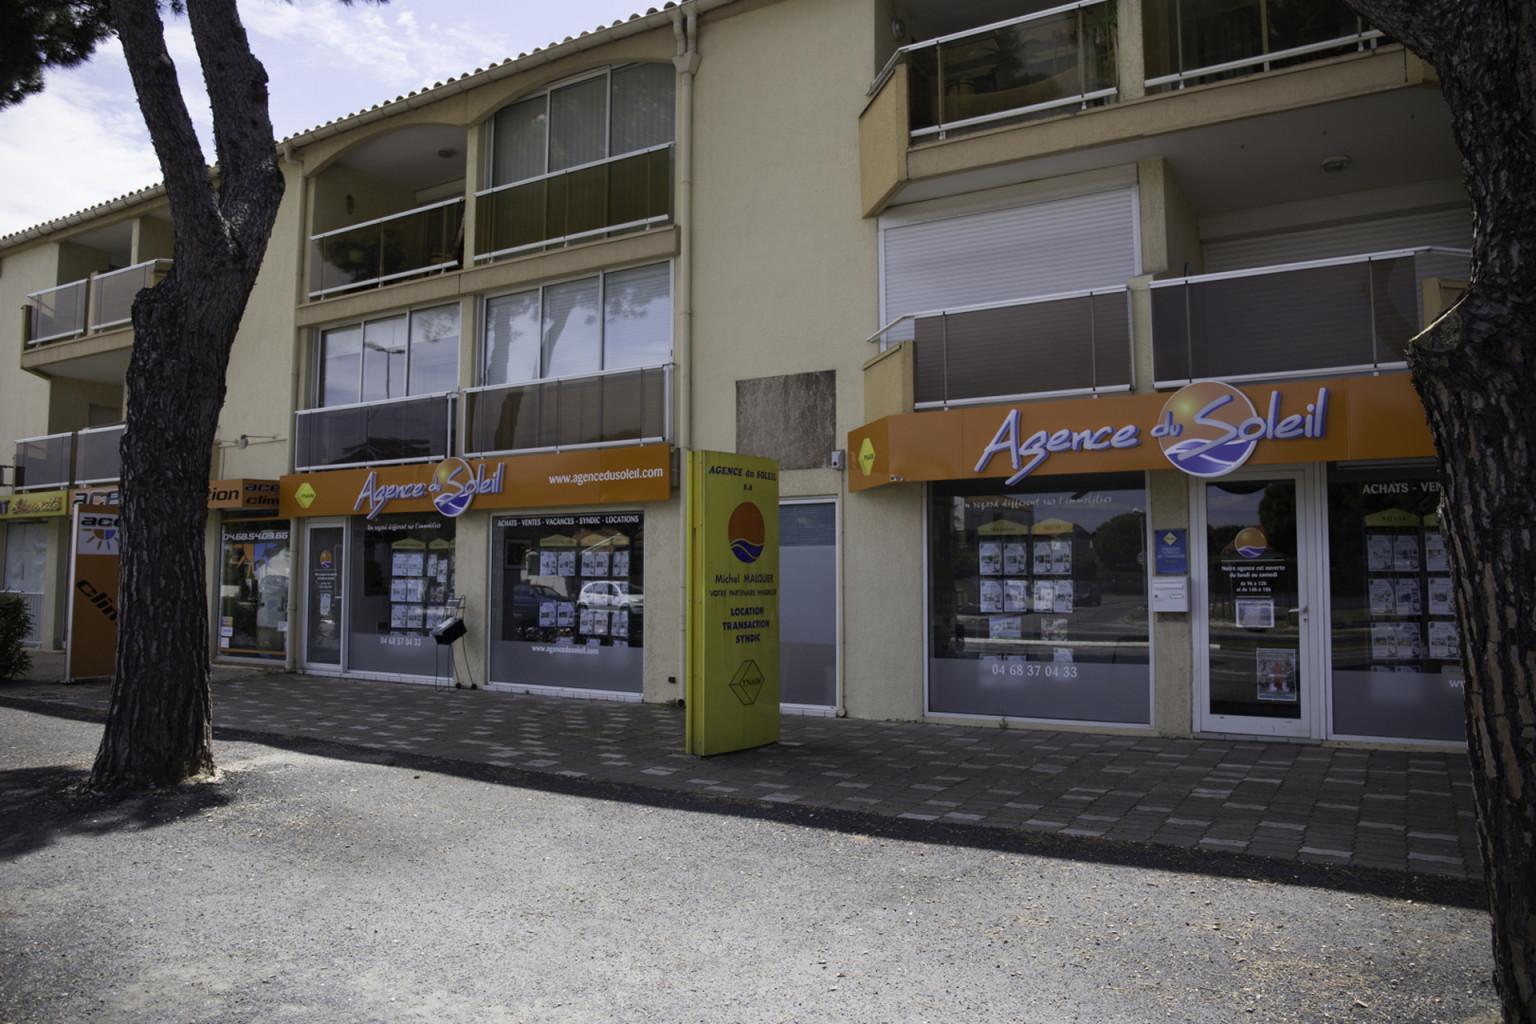 Agence du soleil agences immobili res office de tourisme de saint cyprien - Agence du port saint cyprien ...